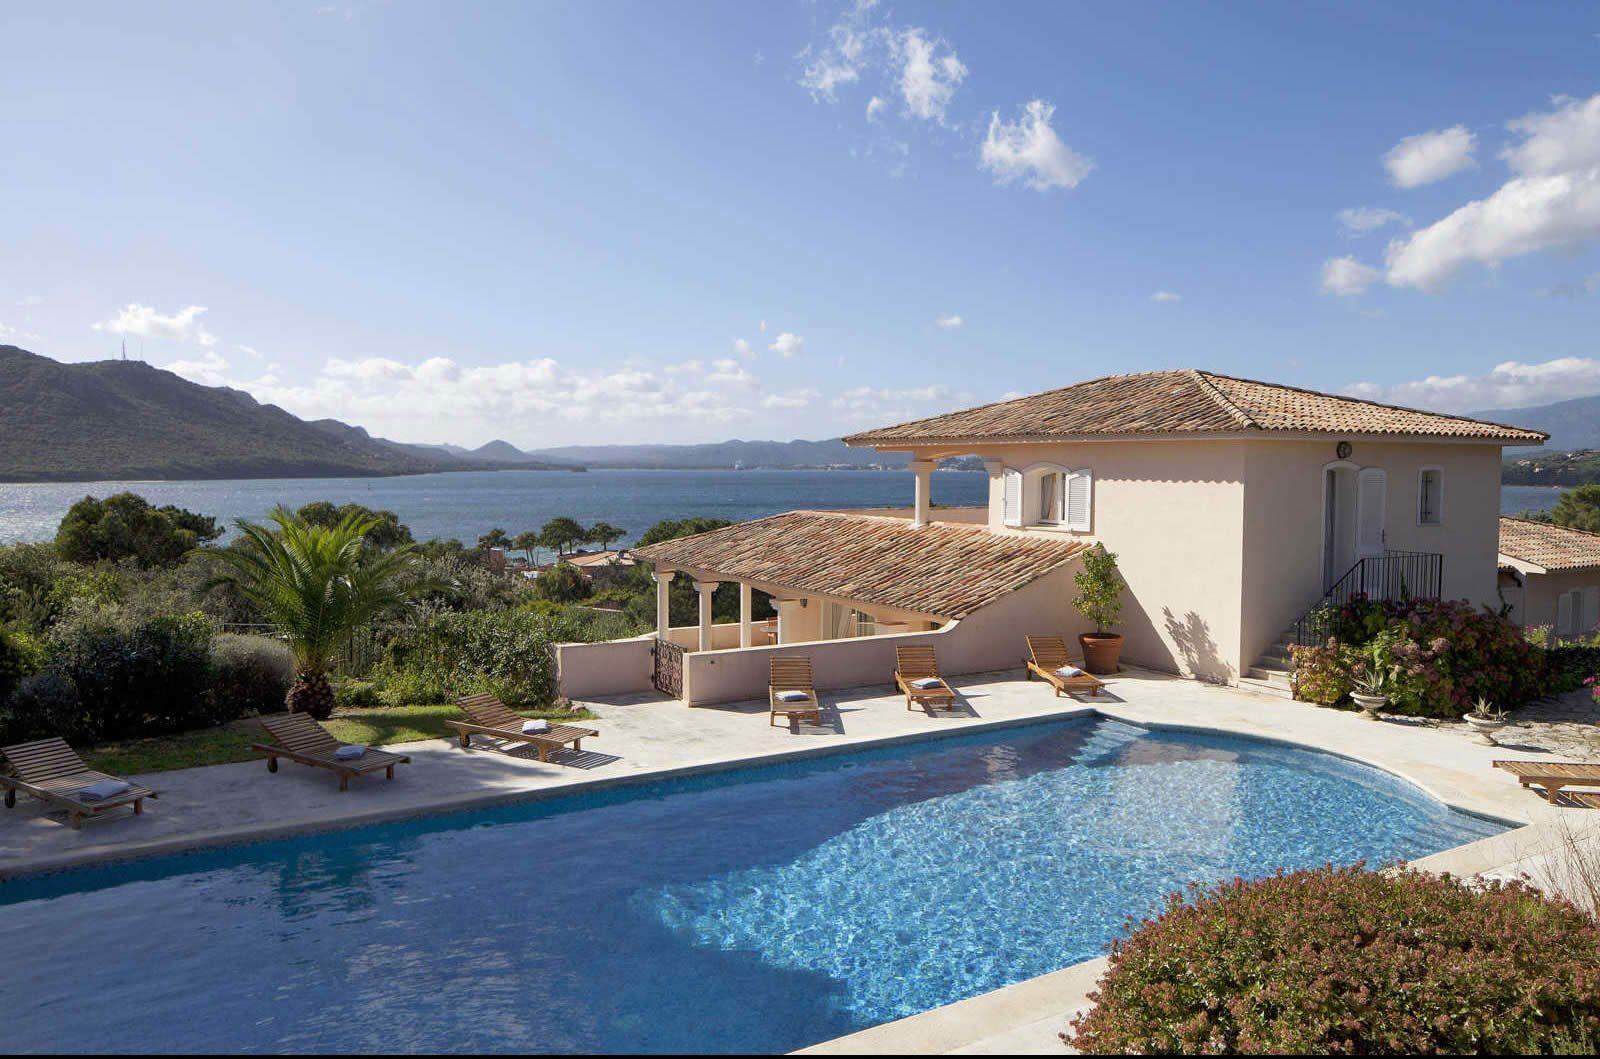 Louer une villa en corse nord ou sud avec piscine for Recherche villa avec piscine